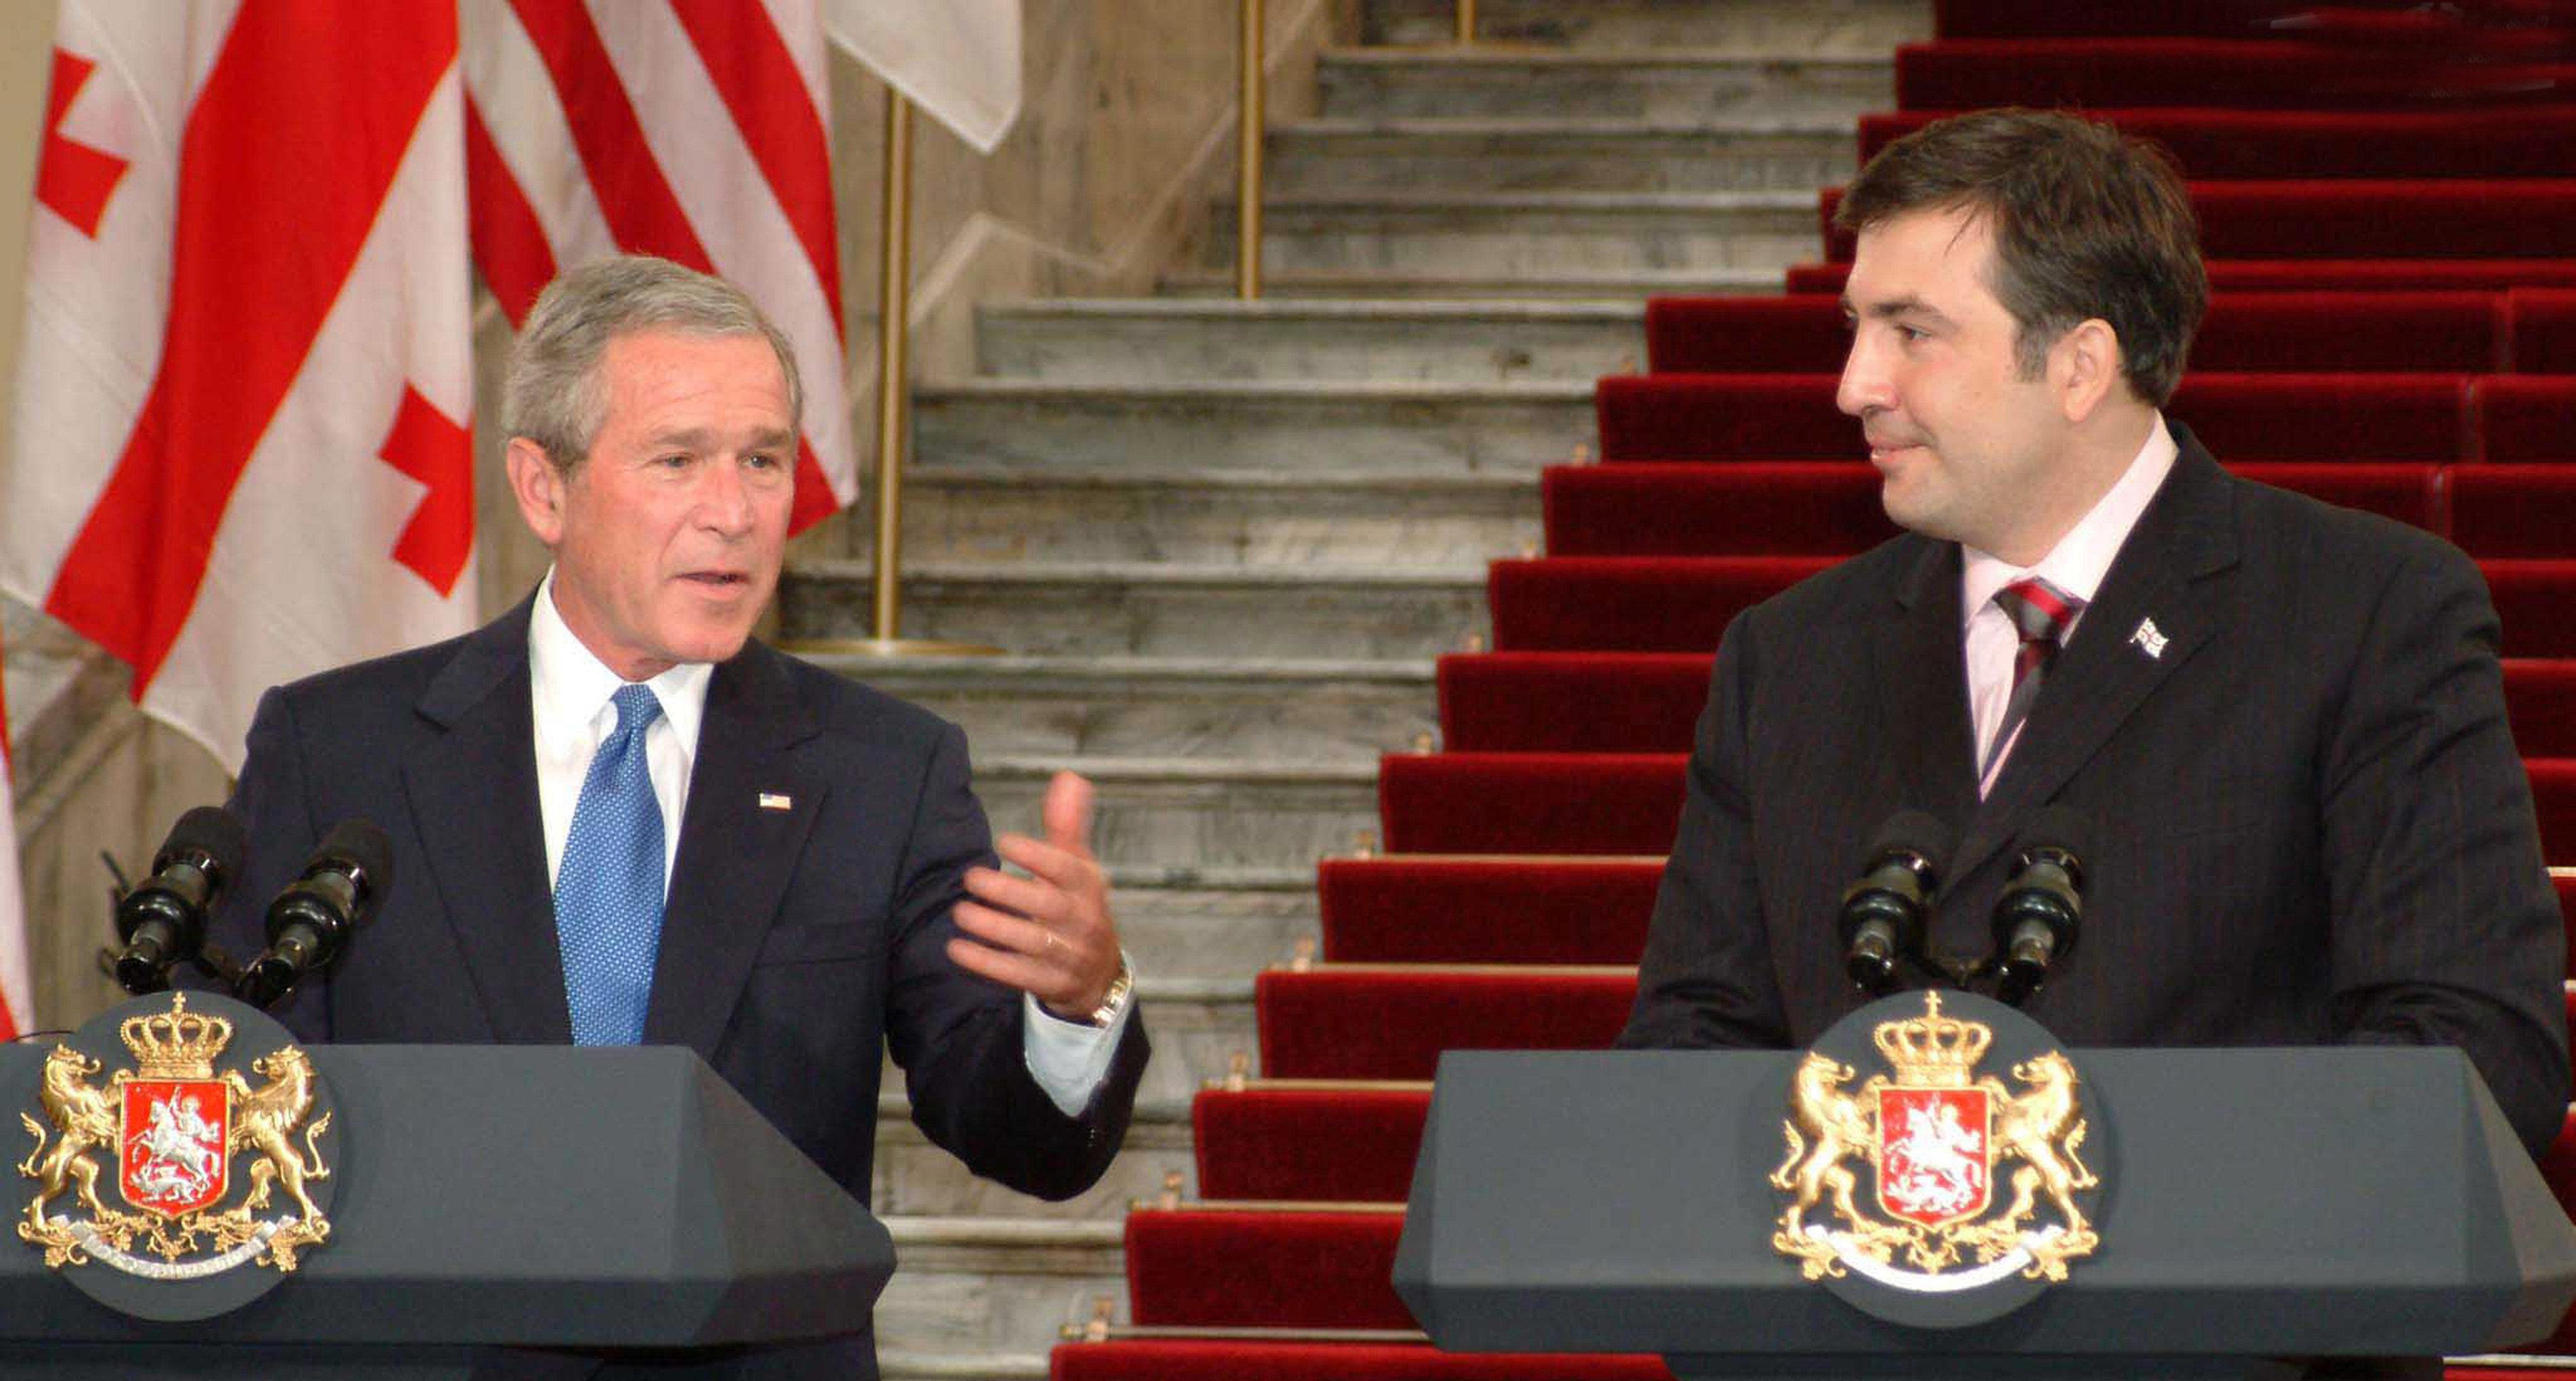 აშშ-ის პრეზიდენტი ჯორჯ ბუში და საქართველოს პრეზიდენტი მიხეილ სააკაშვილი ჯორჯ ბუშის საქართველოში ვიზიტისას